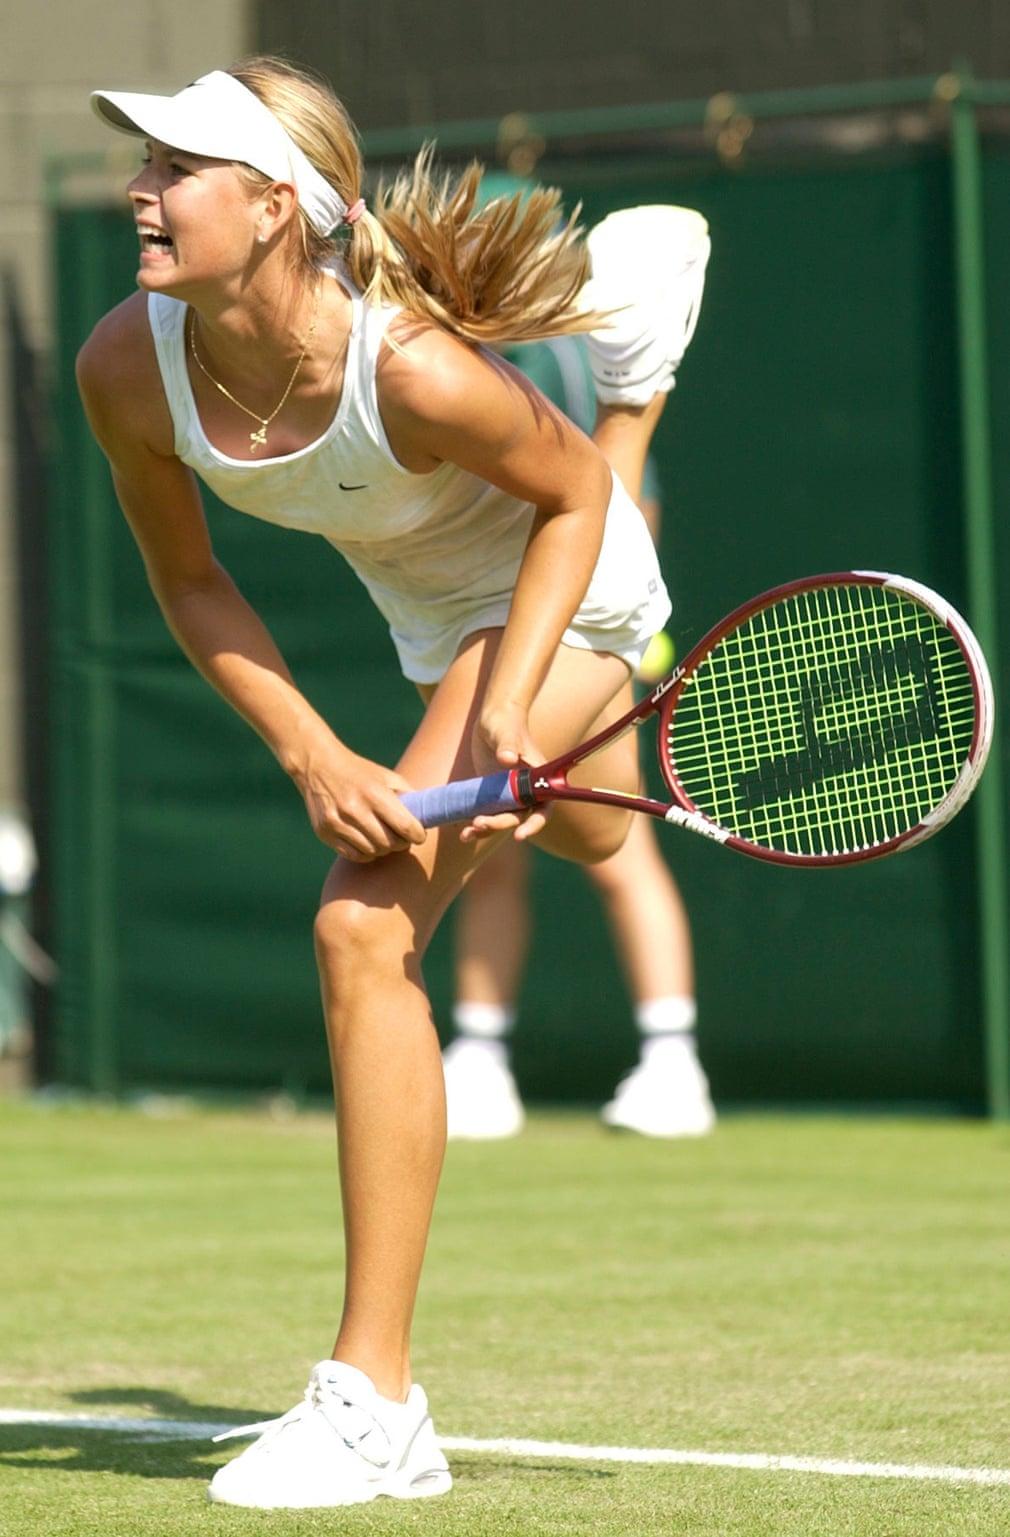 Sharapova là một ẩn số tại Wimbledon năm 2003, lần đầu tiên cô xuất hiện trong giải đấu cấp cao tại SW19. Cô đã lọt vào vòng thứ tư và đánh bại hạt giống số 11 Jelena Dokić, chiến thắng đầu tiên của cô trước một tay vợt top 20.